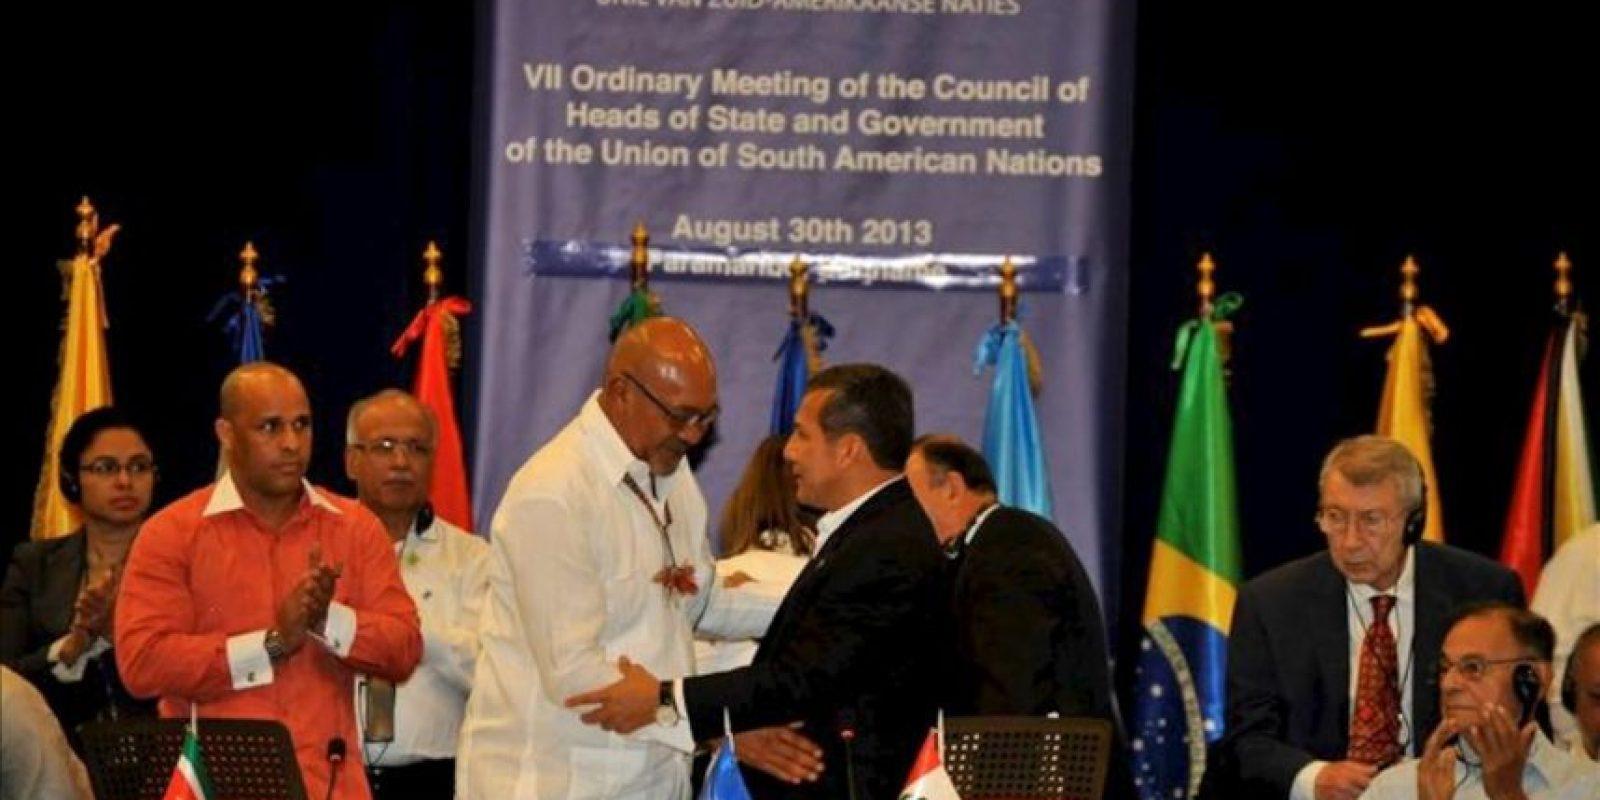 Fotografía cedida por Andina del presidente peruano, Ollanta Humala (c-d), saludando a su par de Surinam, Desire Bouterse (c-i), durante la VII Cumbre ordinaria de la Unión de Naciones Suramericanas (Unasur en Paramaribo (Surinam). EFE